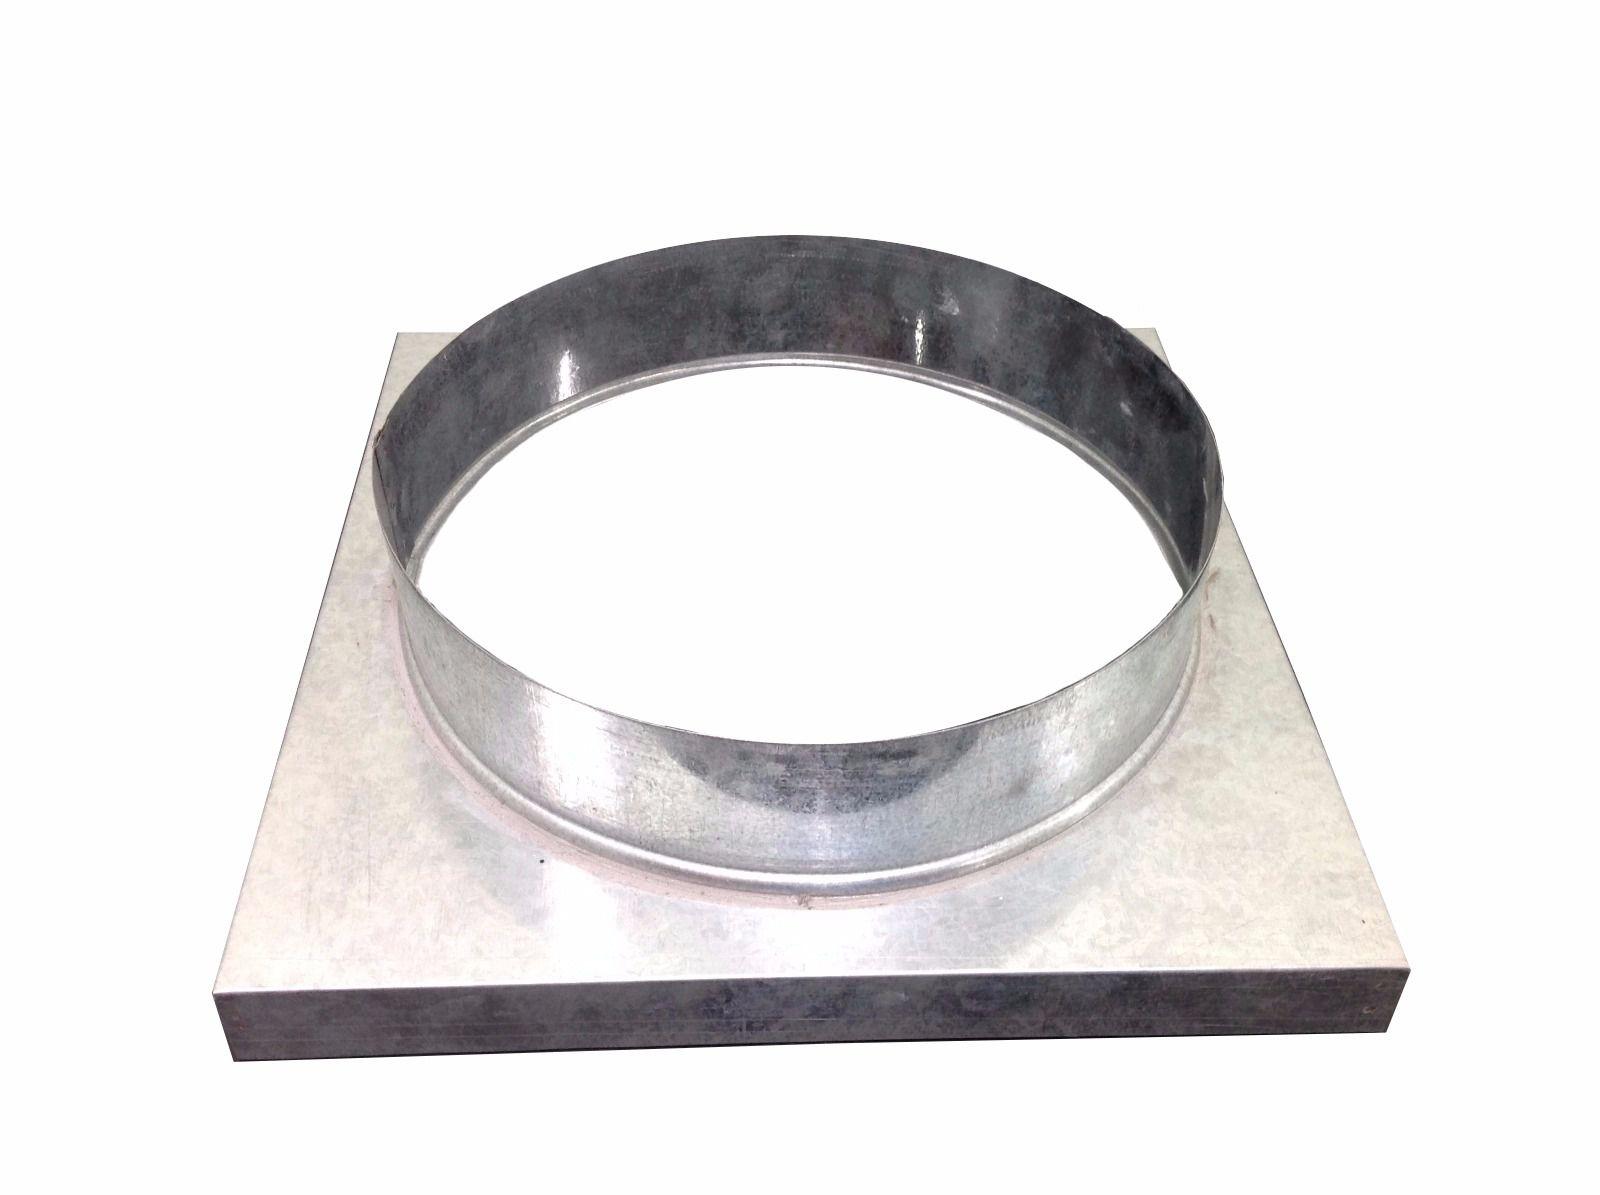 Adaptador galvanizado de quadrado 30,5 x 30,5 cm para redondo 250 mm de diâmetro  - Galvocalhas